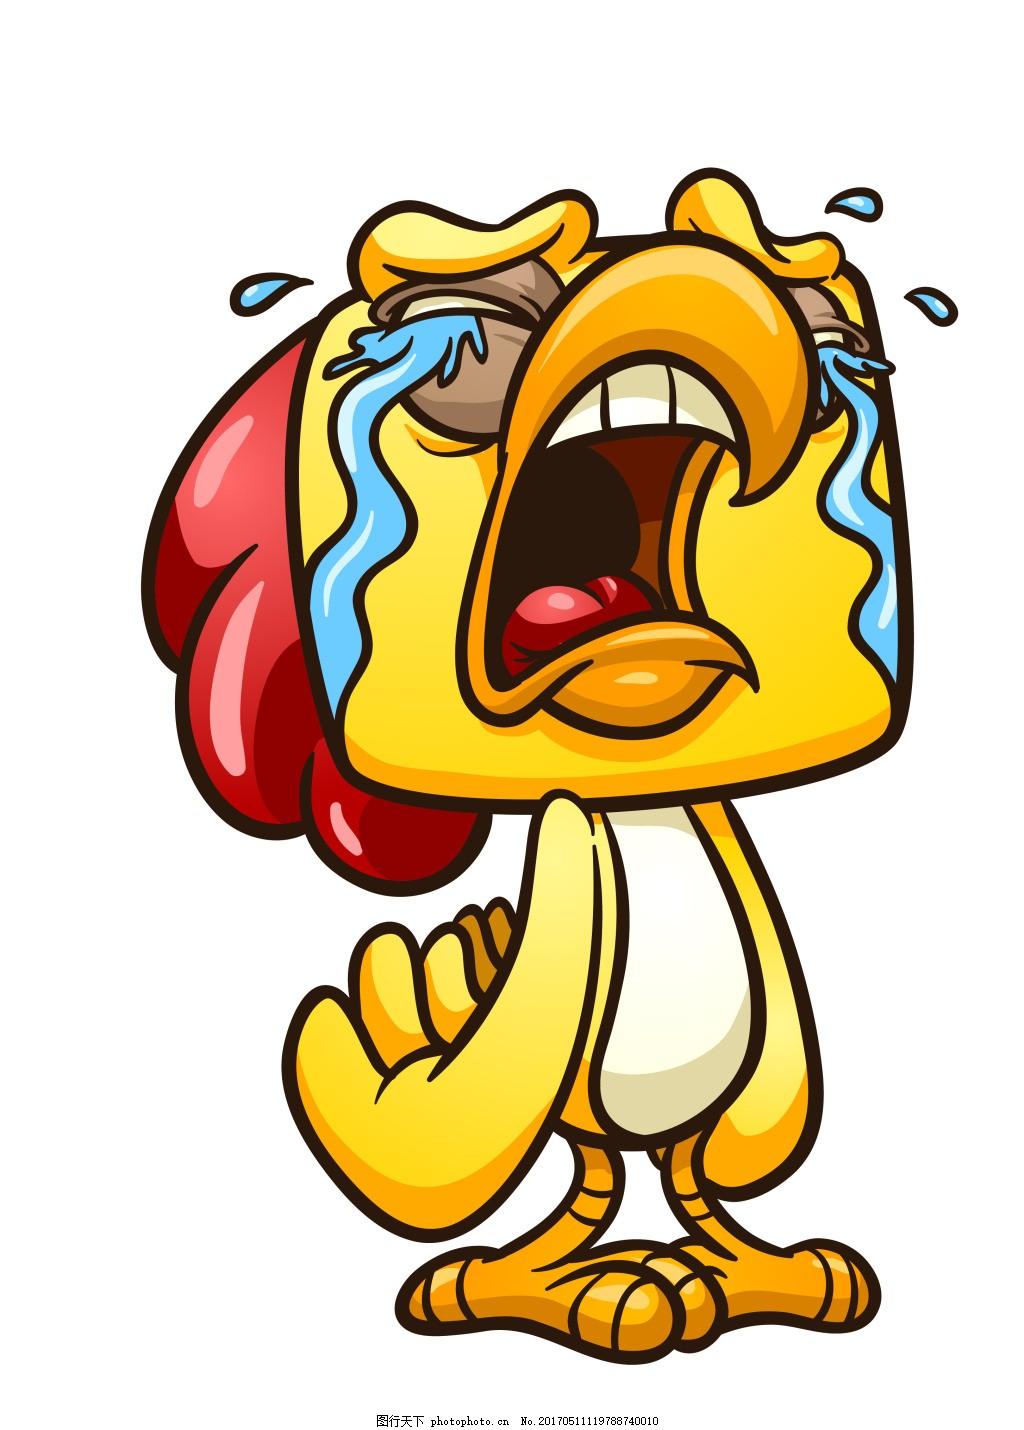 卡通公鸡表情图片下载 卡通公鸡表情 卡通公鸡 鸡 可爱鸡 矢量鸡 eps